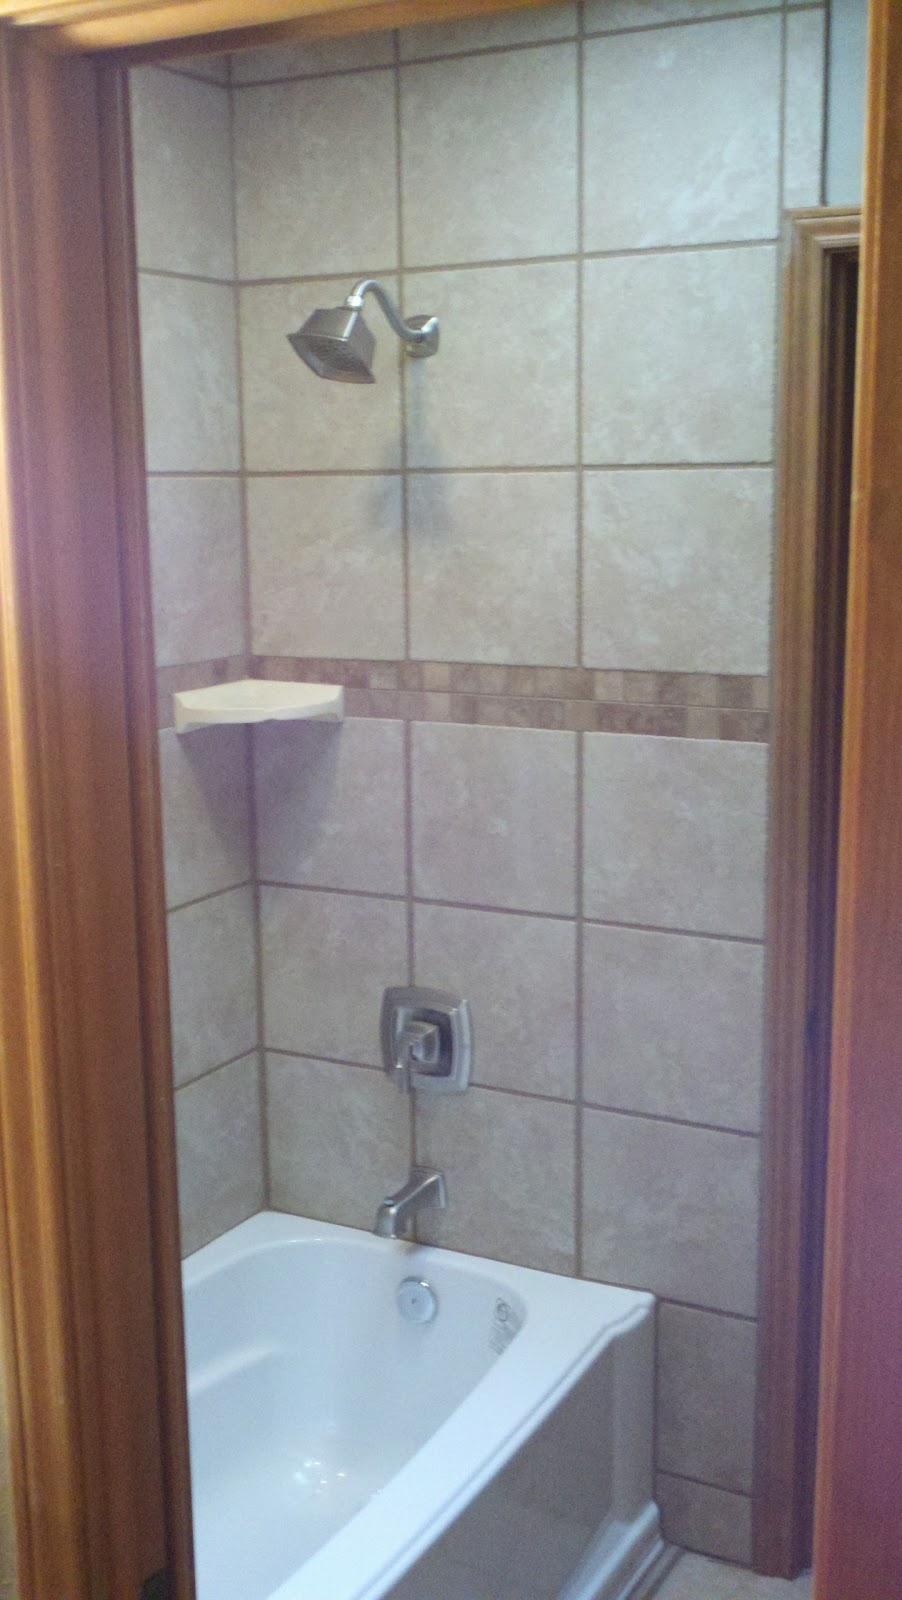 parker homes renovations showers. Black Bedroom Furniture Sets. Home Design Ideas